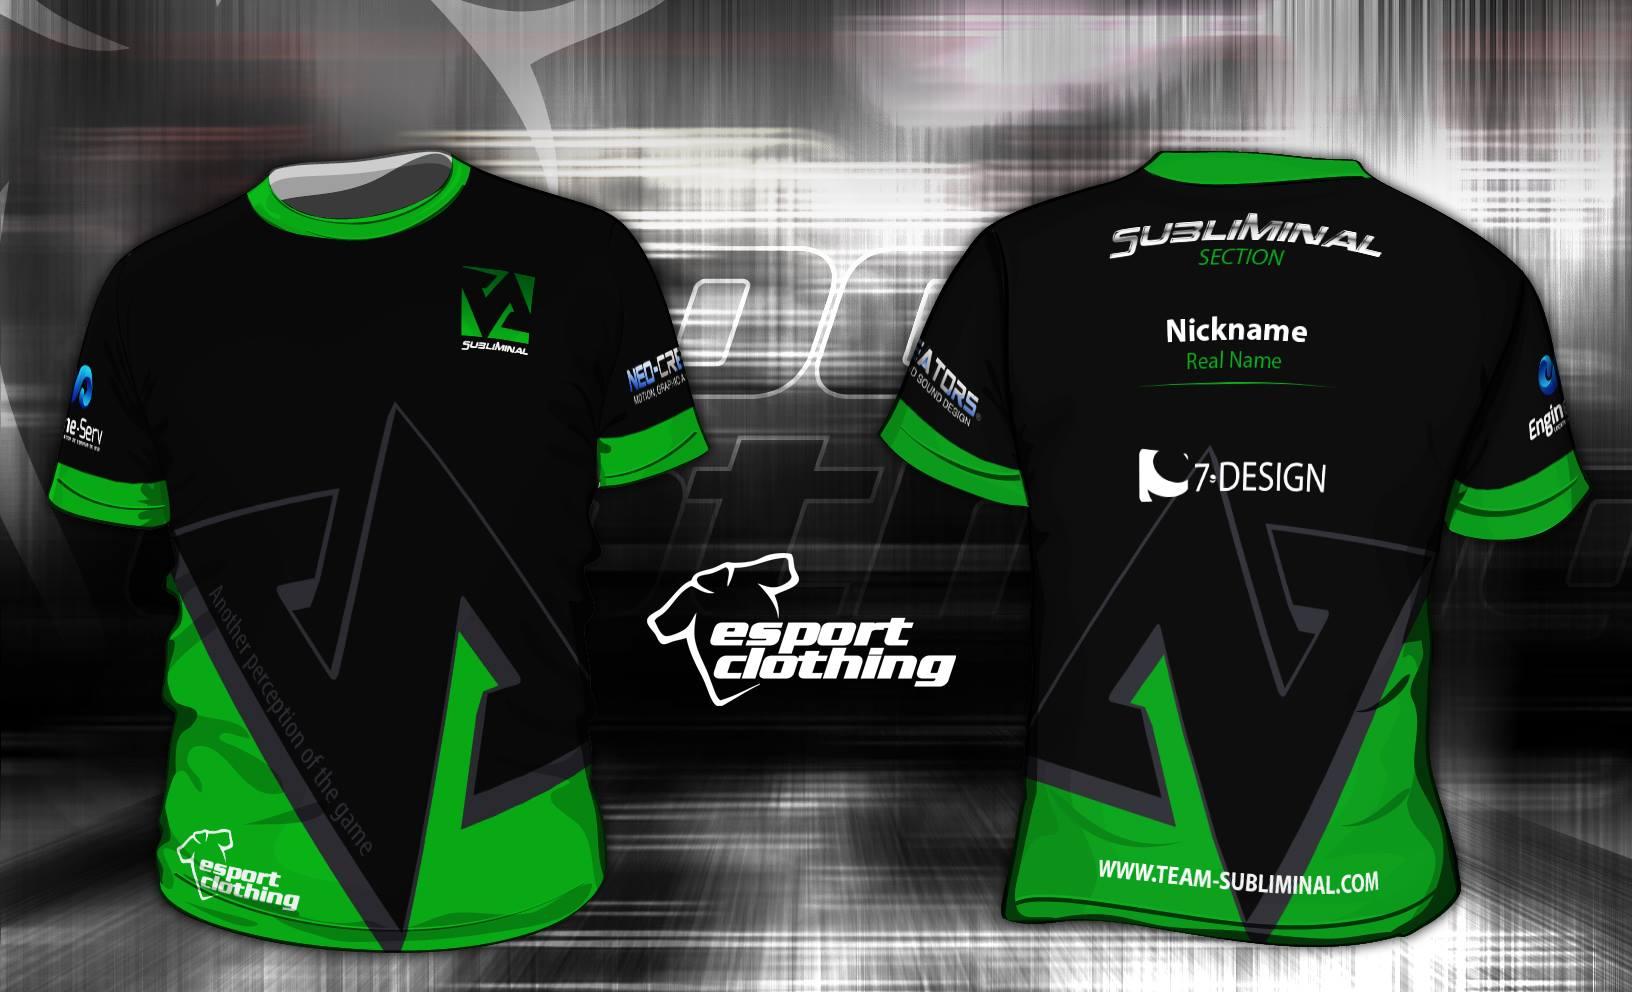 Subliminal eSports - Athlete Short Sleeve Jersey